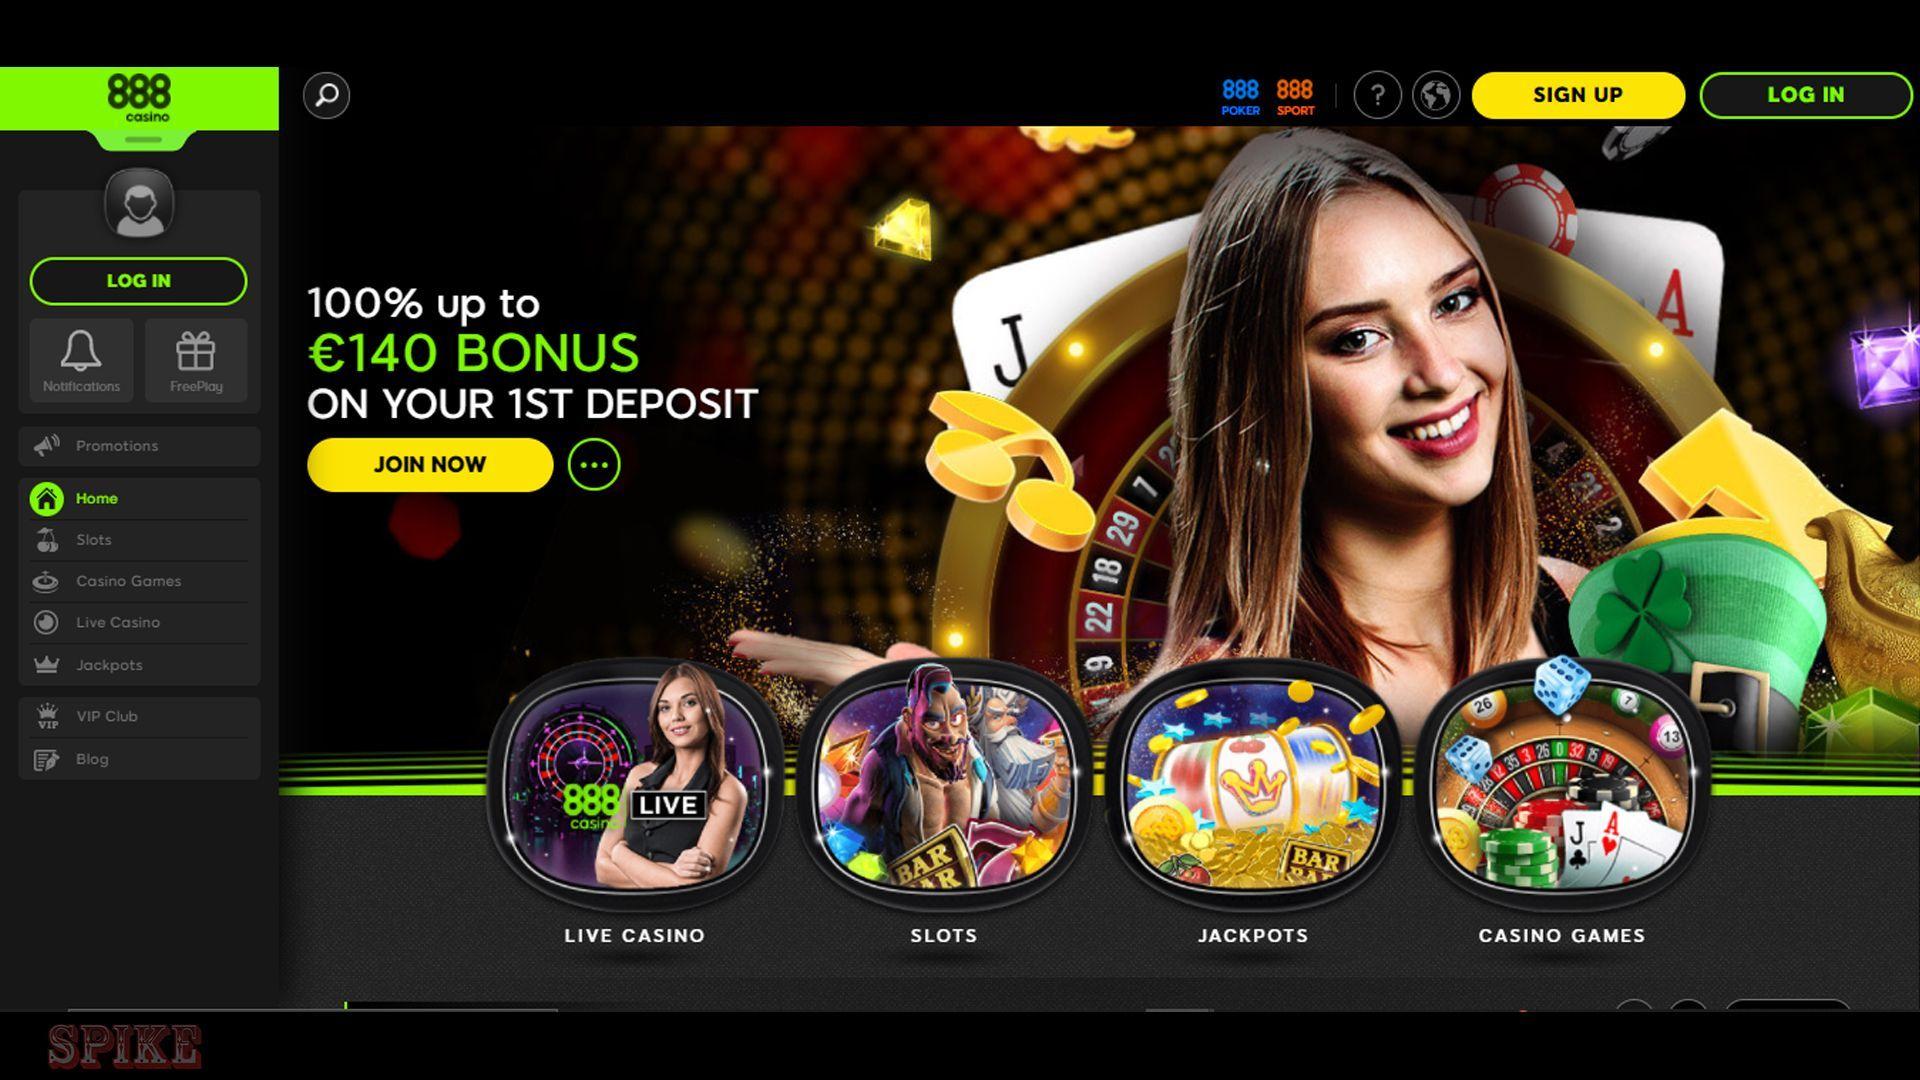 888 Casino Homepage Screen